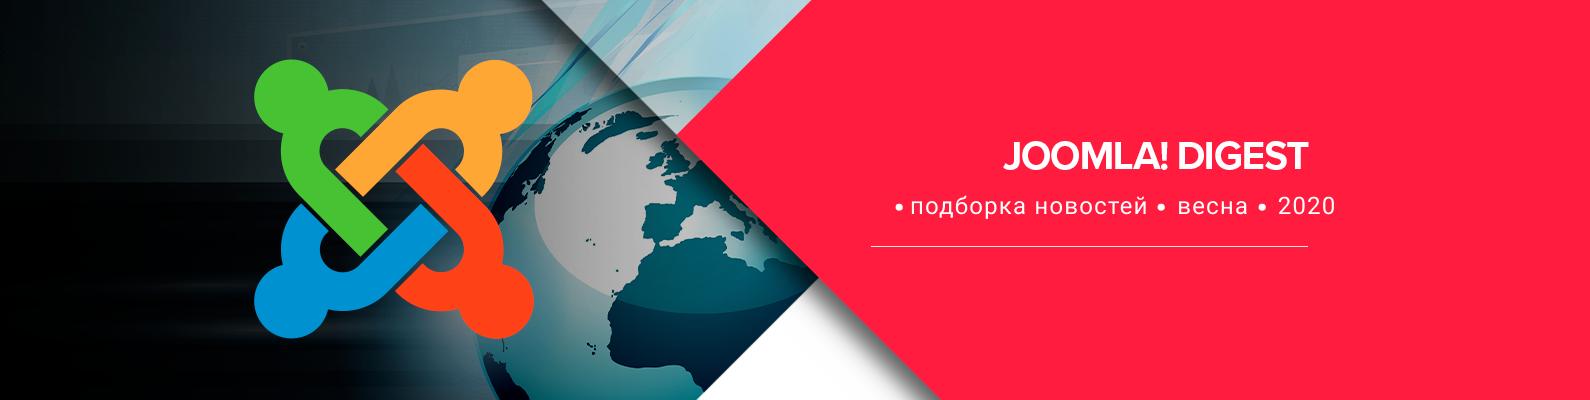 Дайджест Joomla за весну 2020 / Хабр